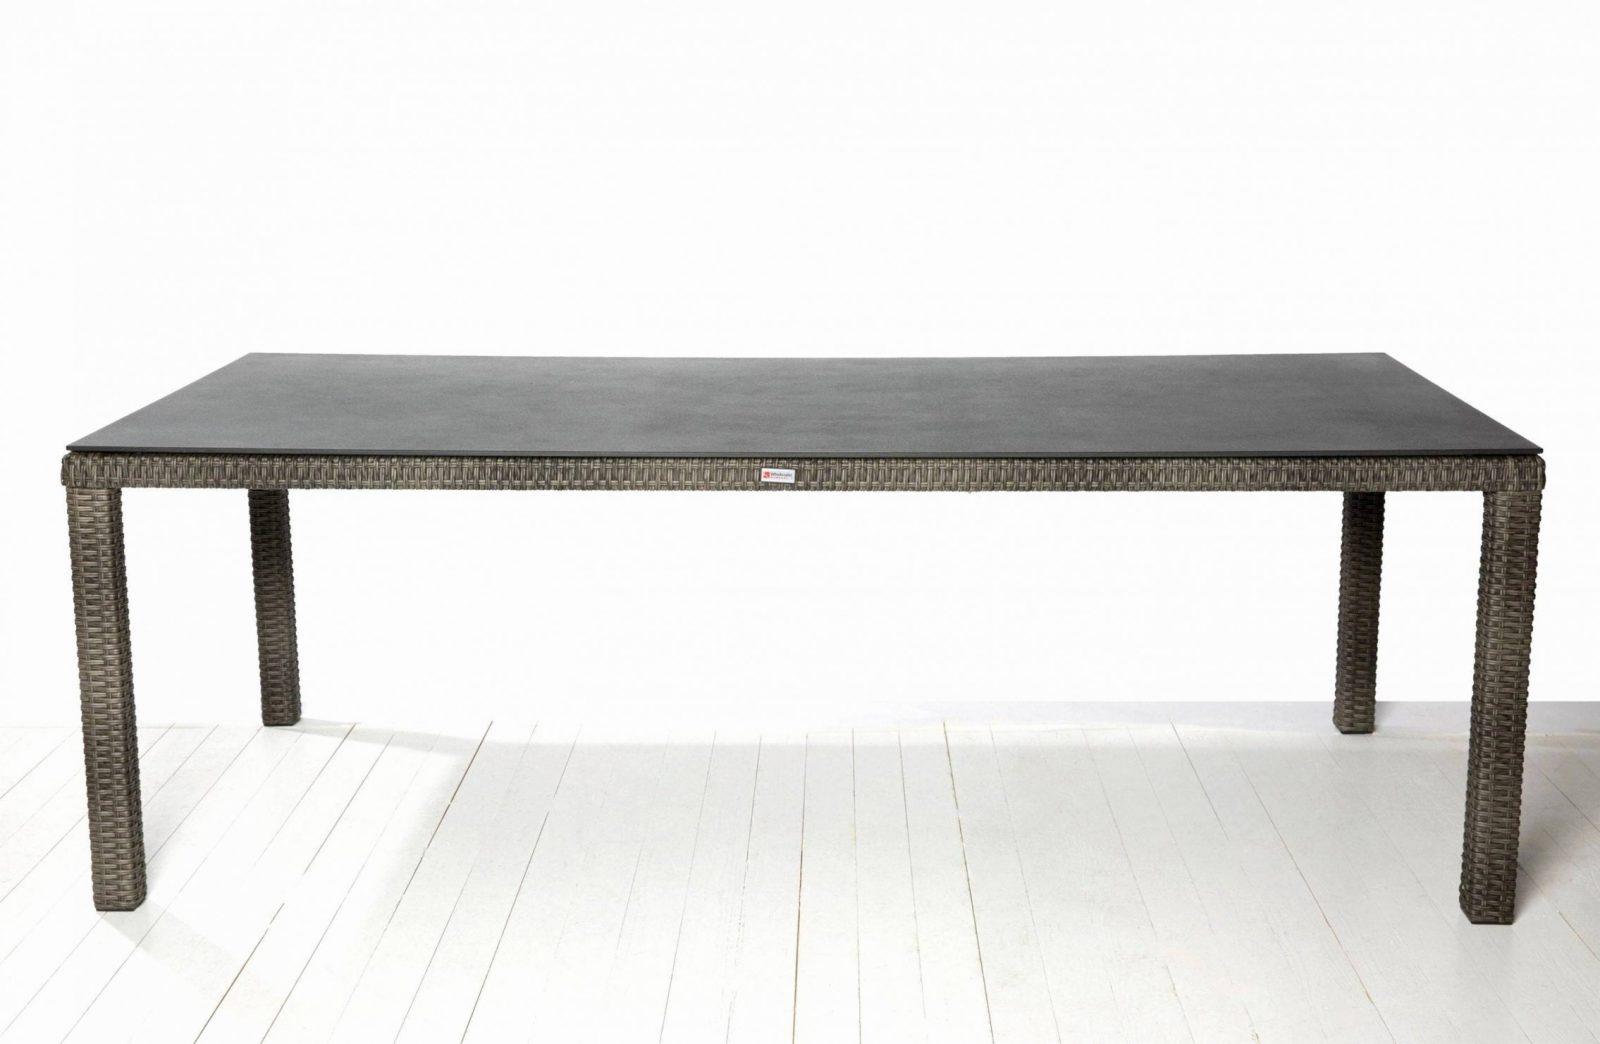 Esstisch Ausziehbar Design Für Design Gartentisch Mit 6 Stühlen von Gartentisch Mit 6 Stühlen Bild